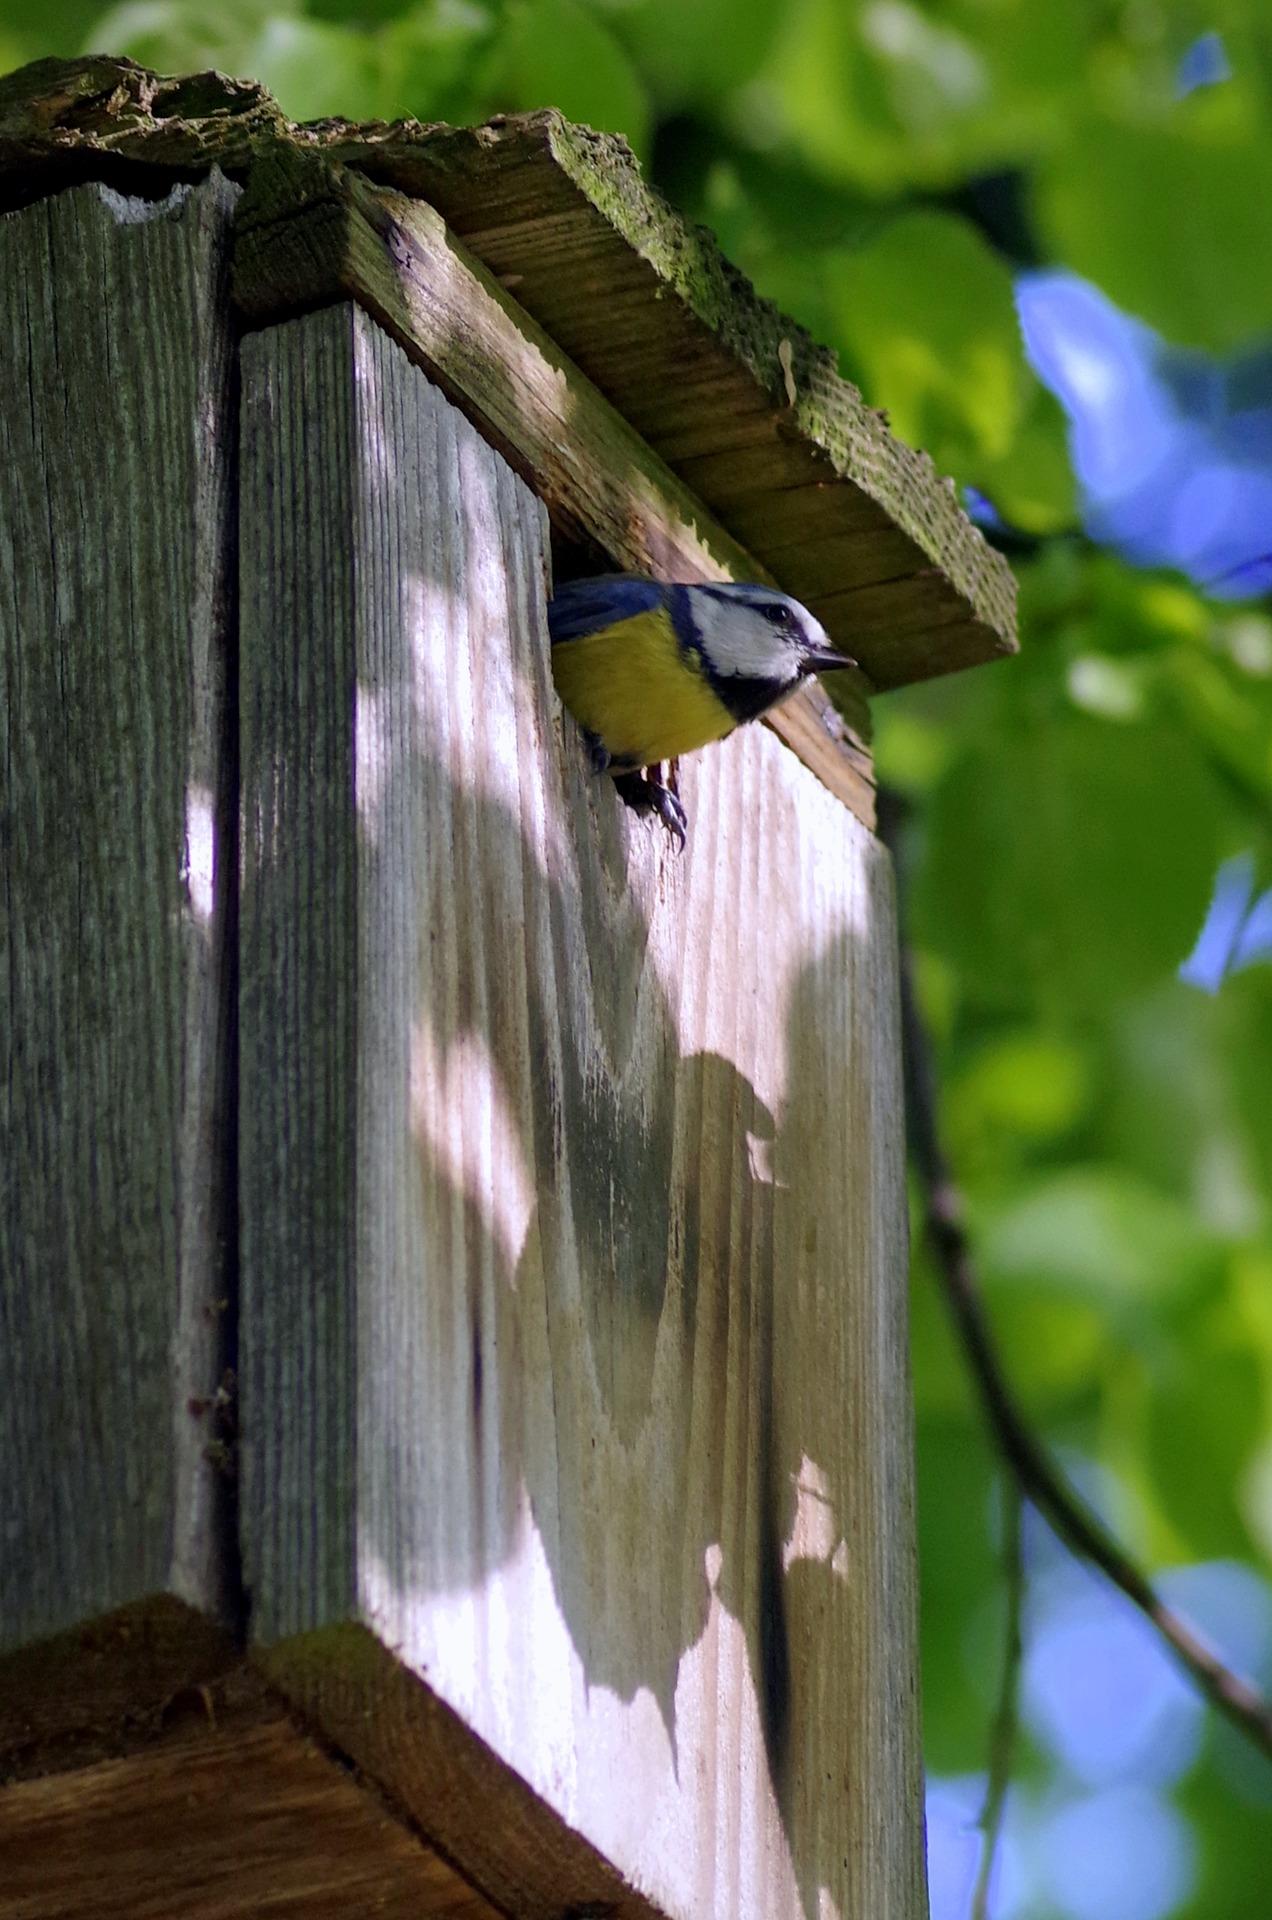 Czy w ogrodzie warto zawiesić budki lęgowe dla ptaków?